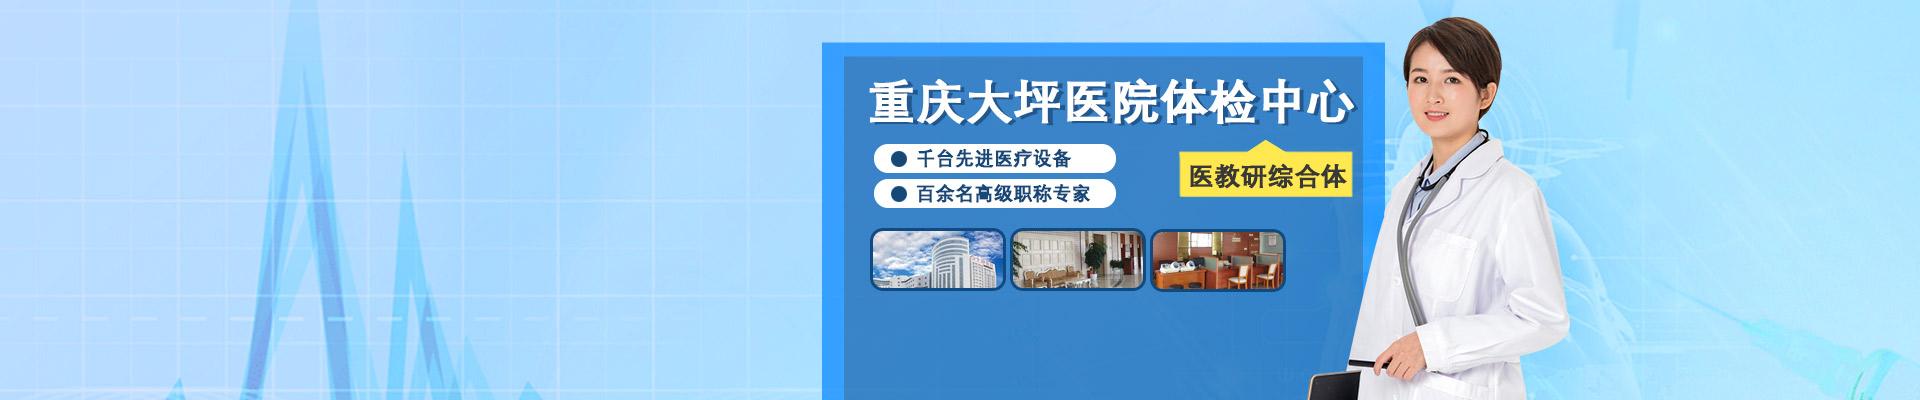 重庆大坪医院体检中心PC